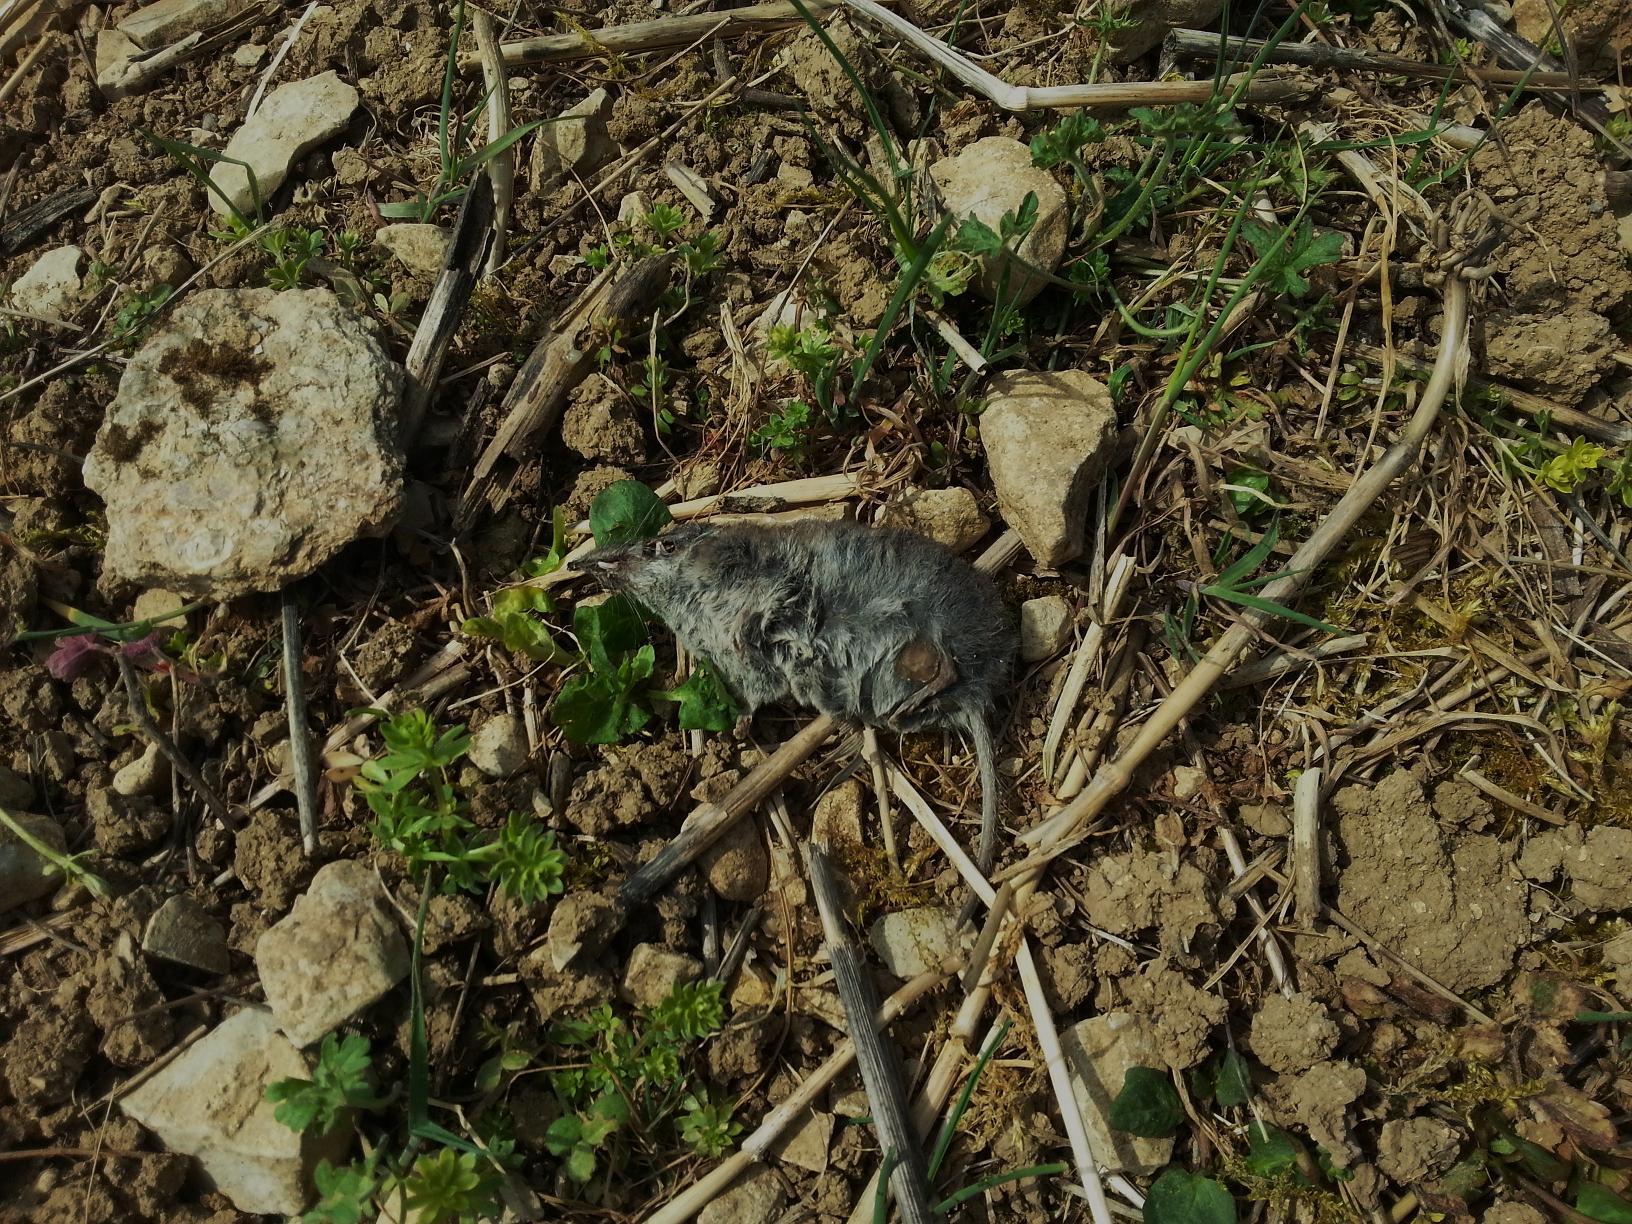 Cette musaraigne a été tuée, puis délaissée par un renard ou un chat.